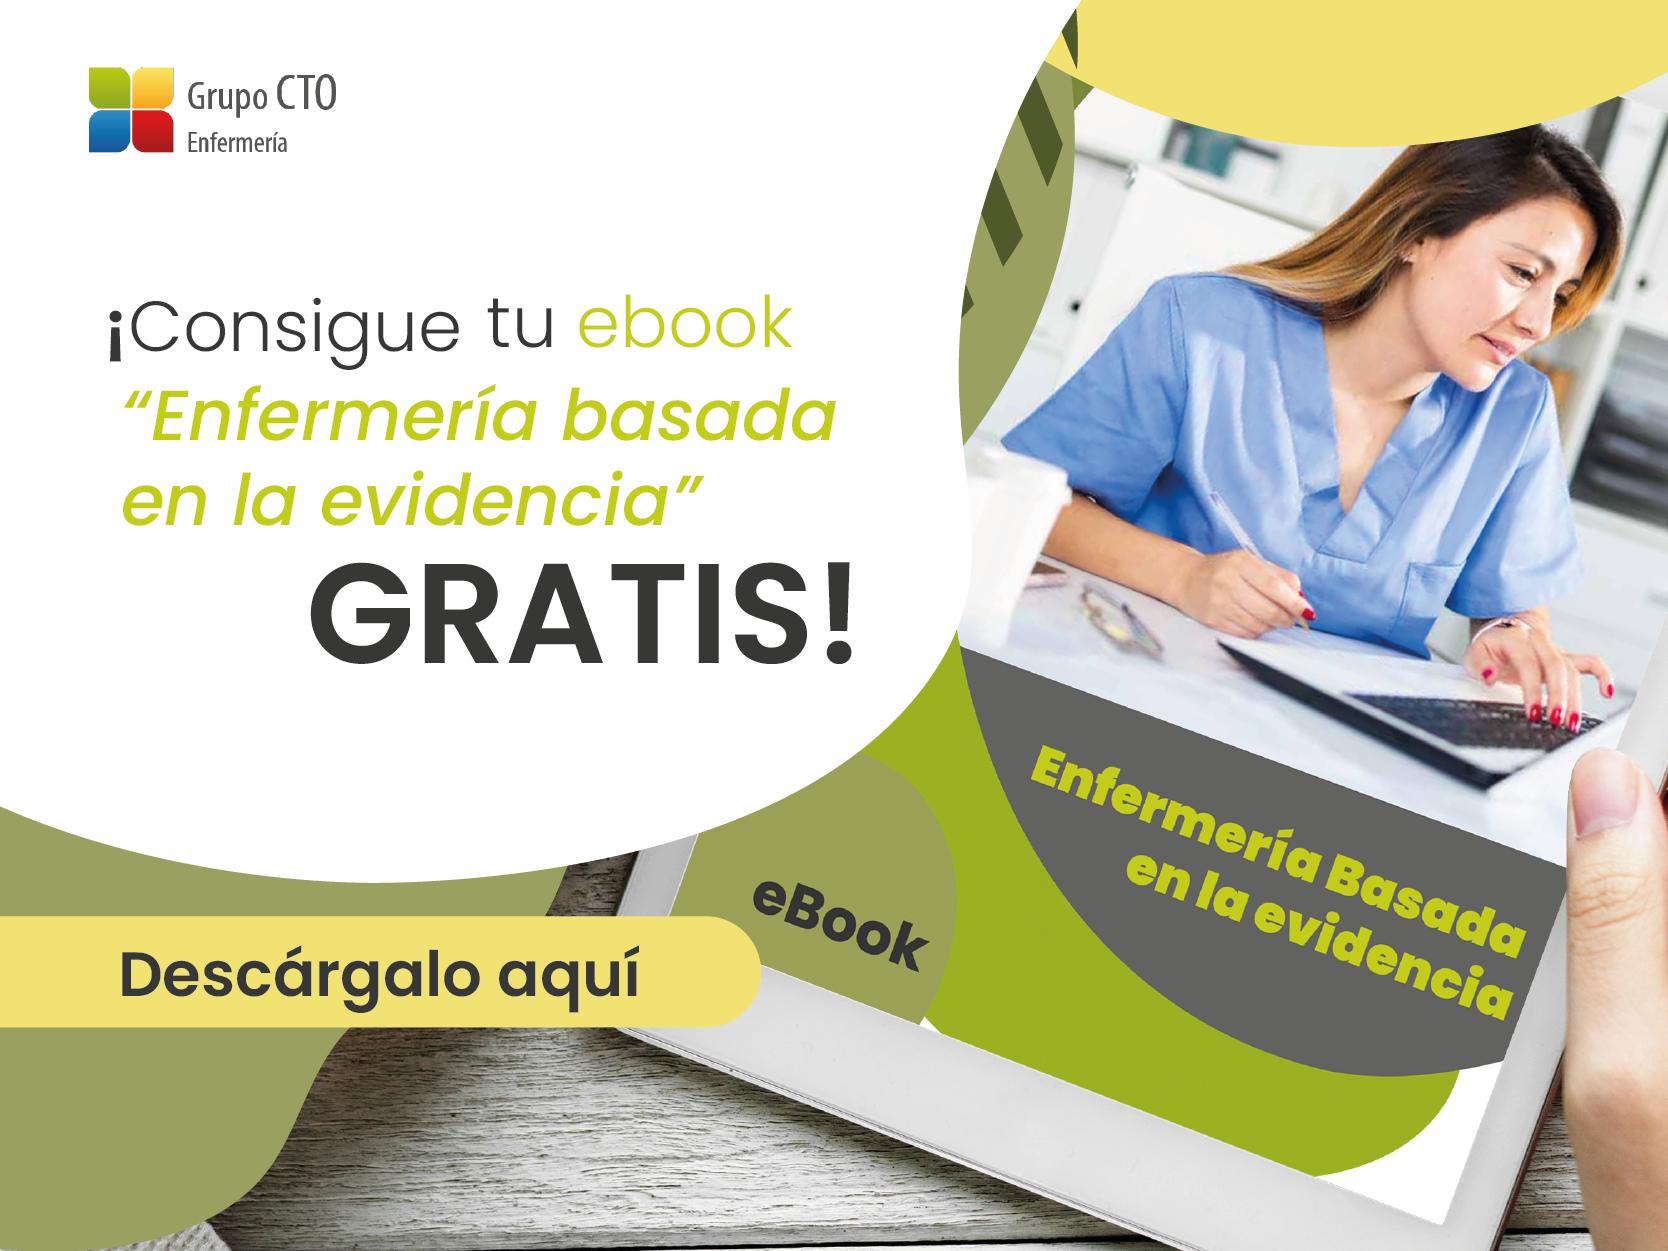 Ebook de Enfermería gratuito